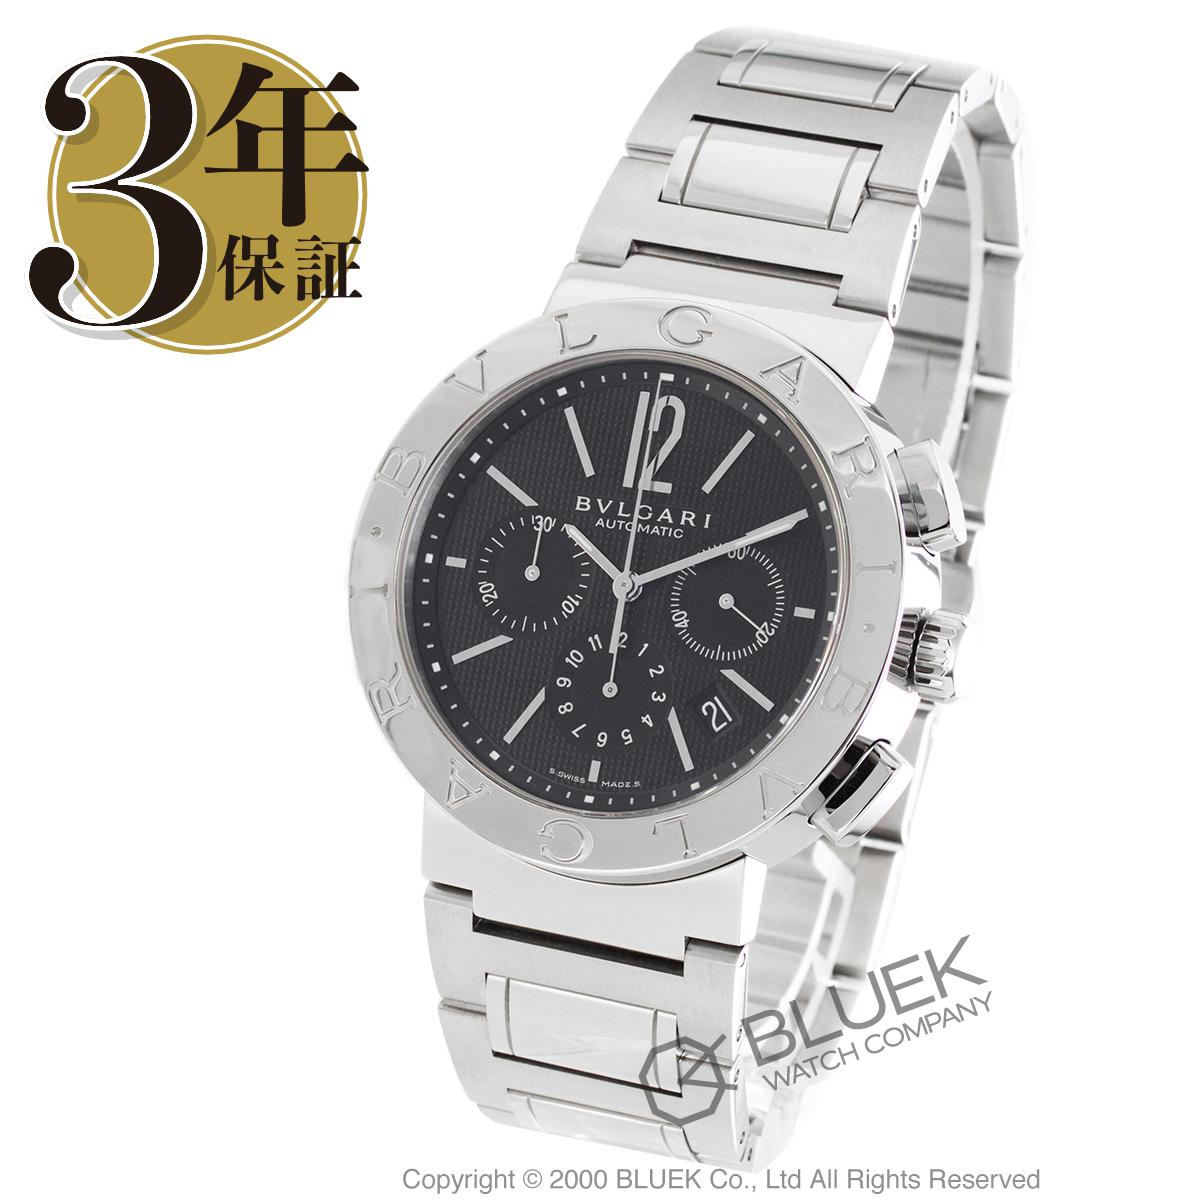 【15,000円OFFクーポン対象】ブルガリ ブルガリブルガリ クロノグラフ 腕時計 メンズ BVLGARI BB42BSSDCH_8